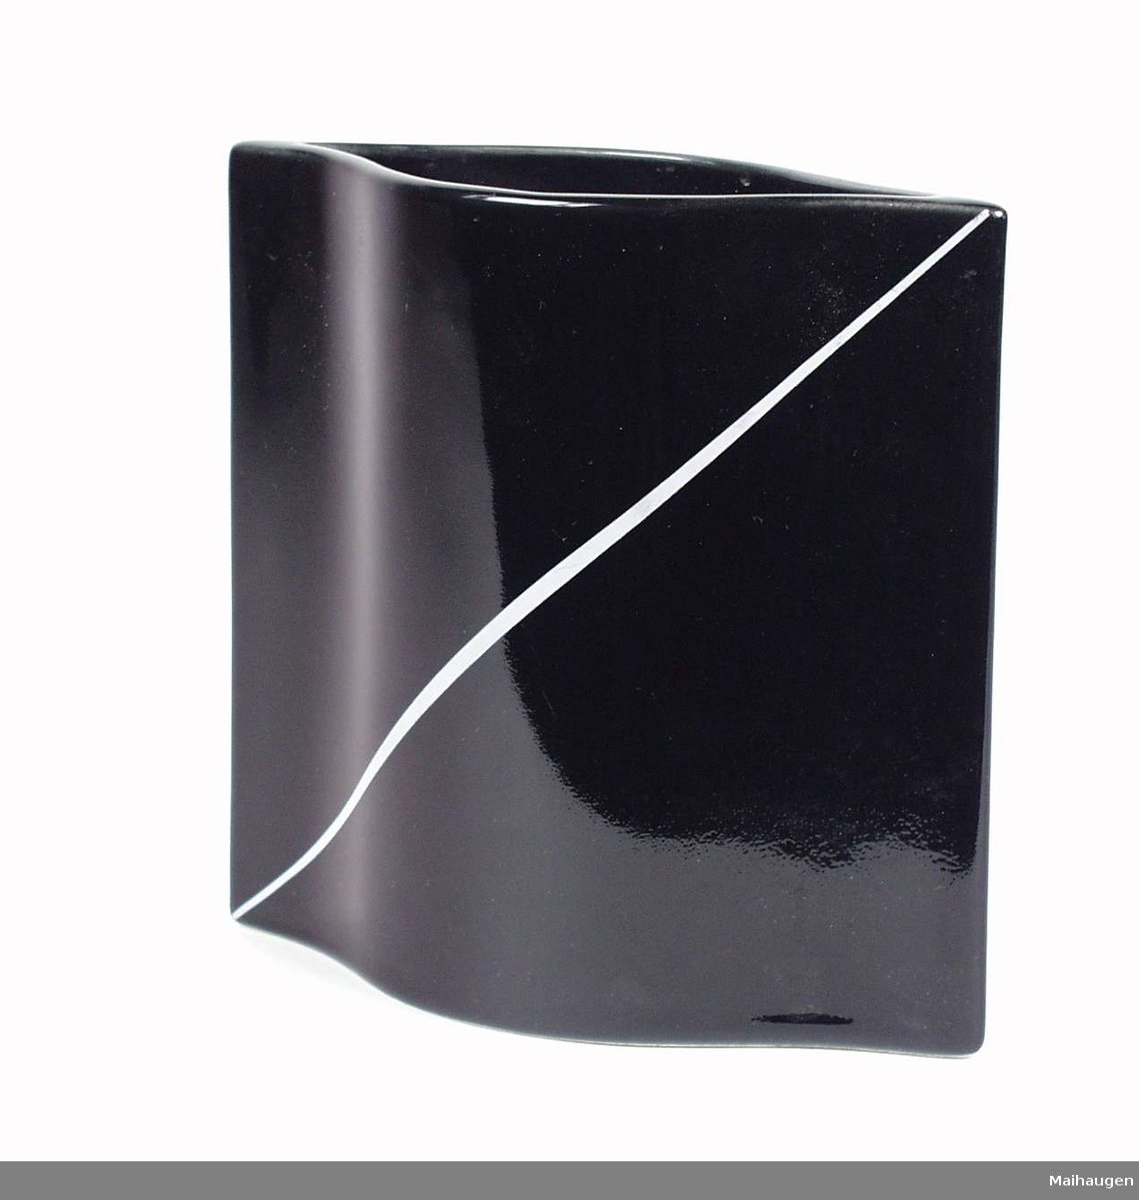 Svart firkantet vase i steingods. Den er dekorert med en grå diagonal stripe på fronten.